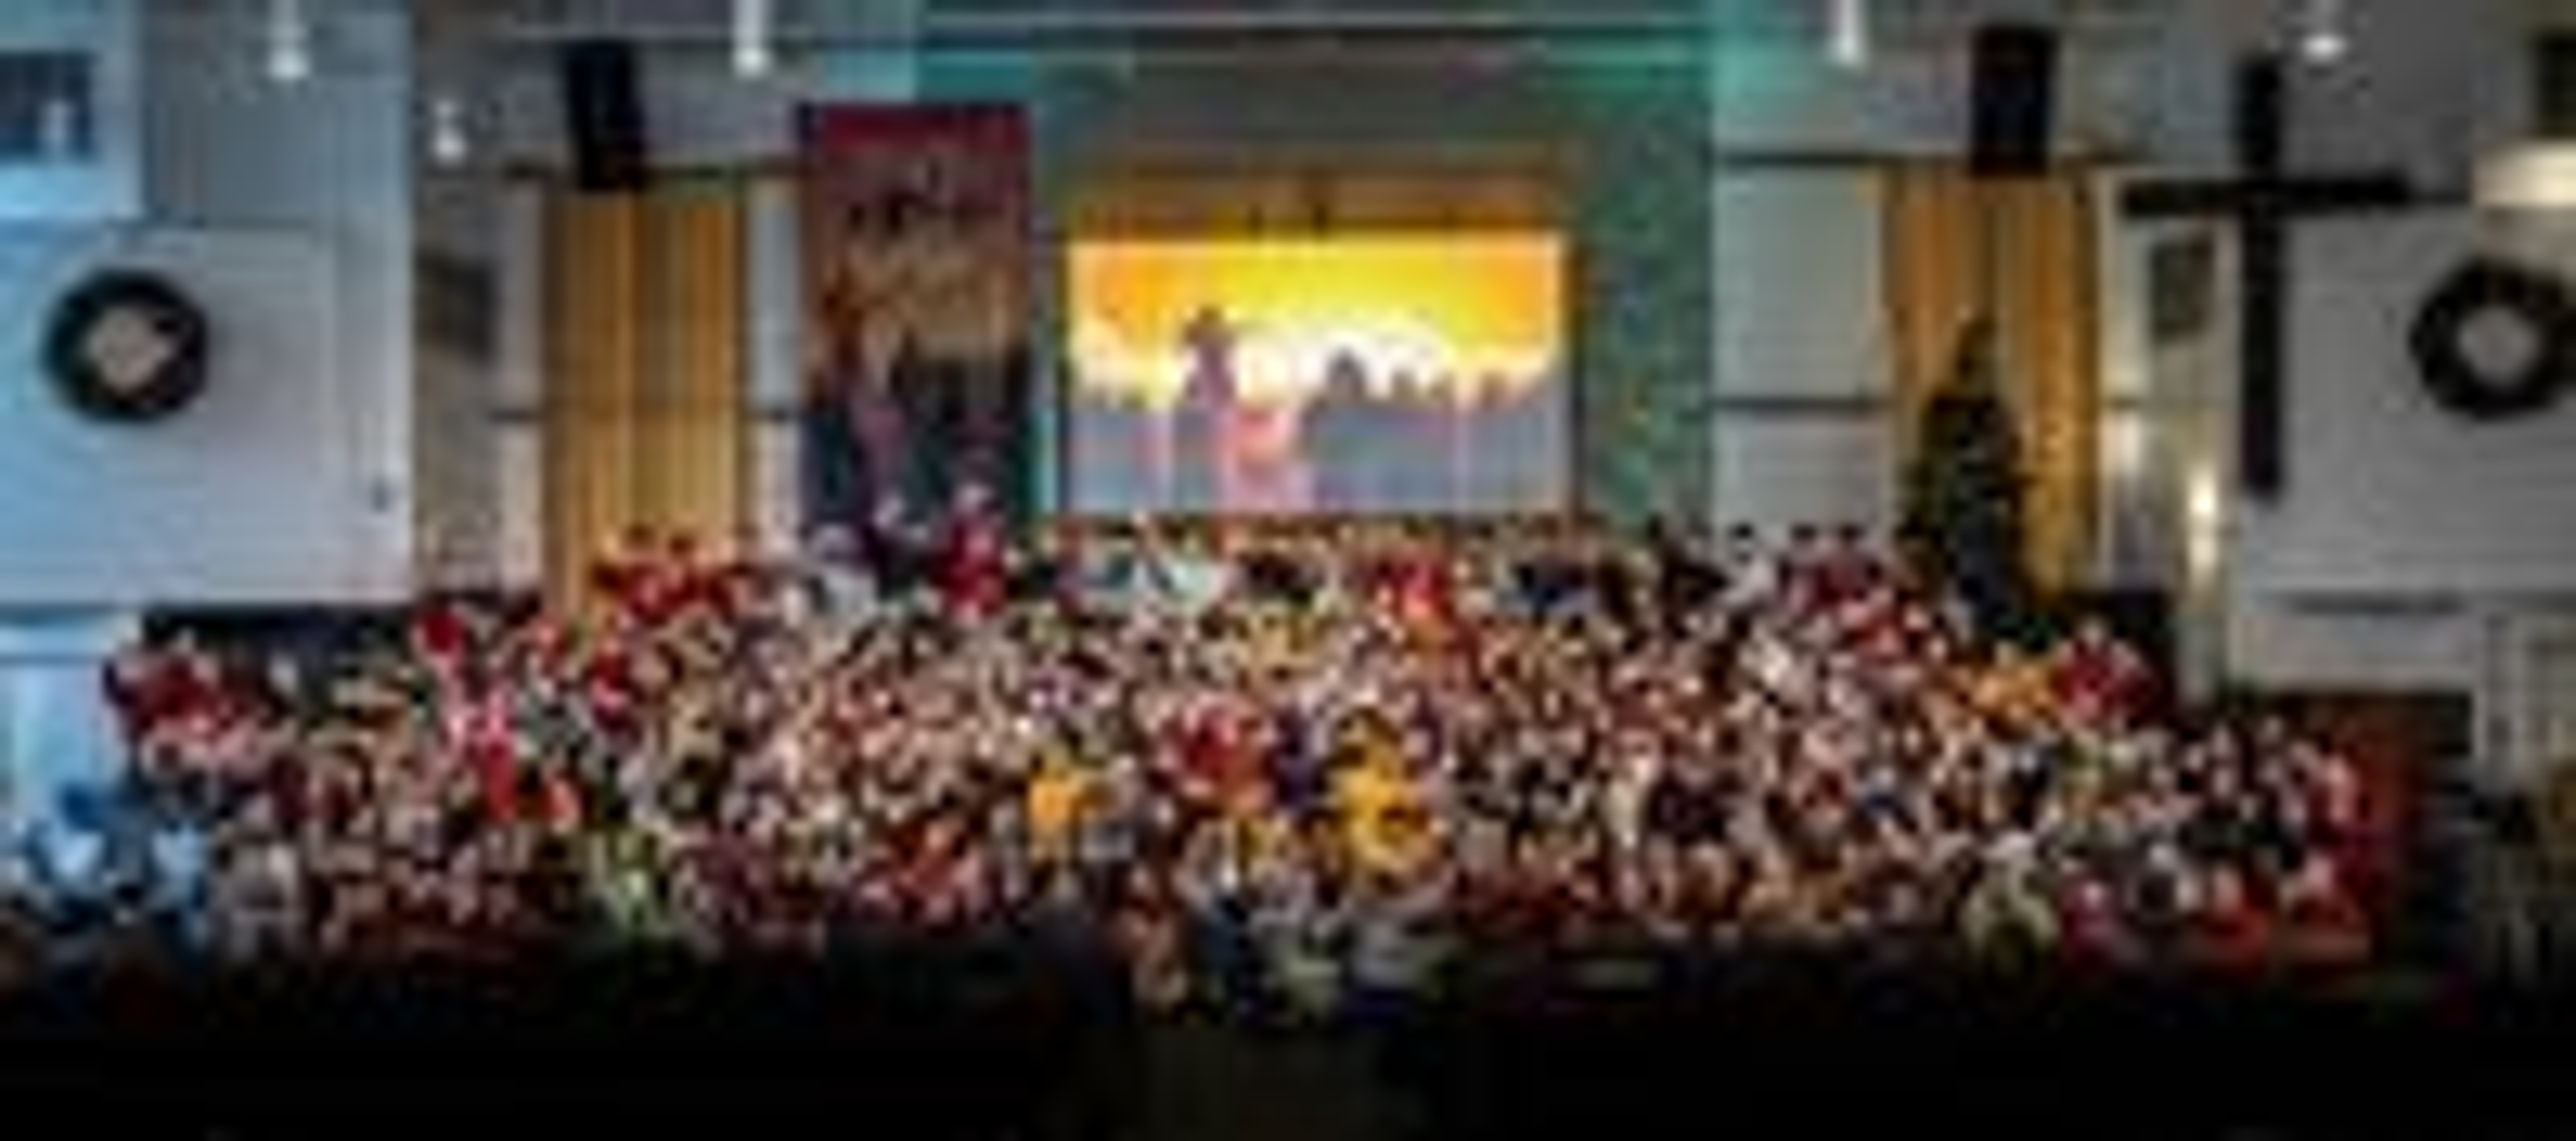 2019년 11월 27일부터 30일까지 시카고에서 열렸던 미주청년학생선교대회 2030컨퍼런스의 참가자들 모습. 사진 제공, 한명훈 목사, 2030 컨퍼런스.